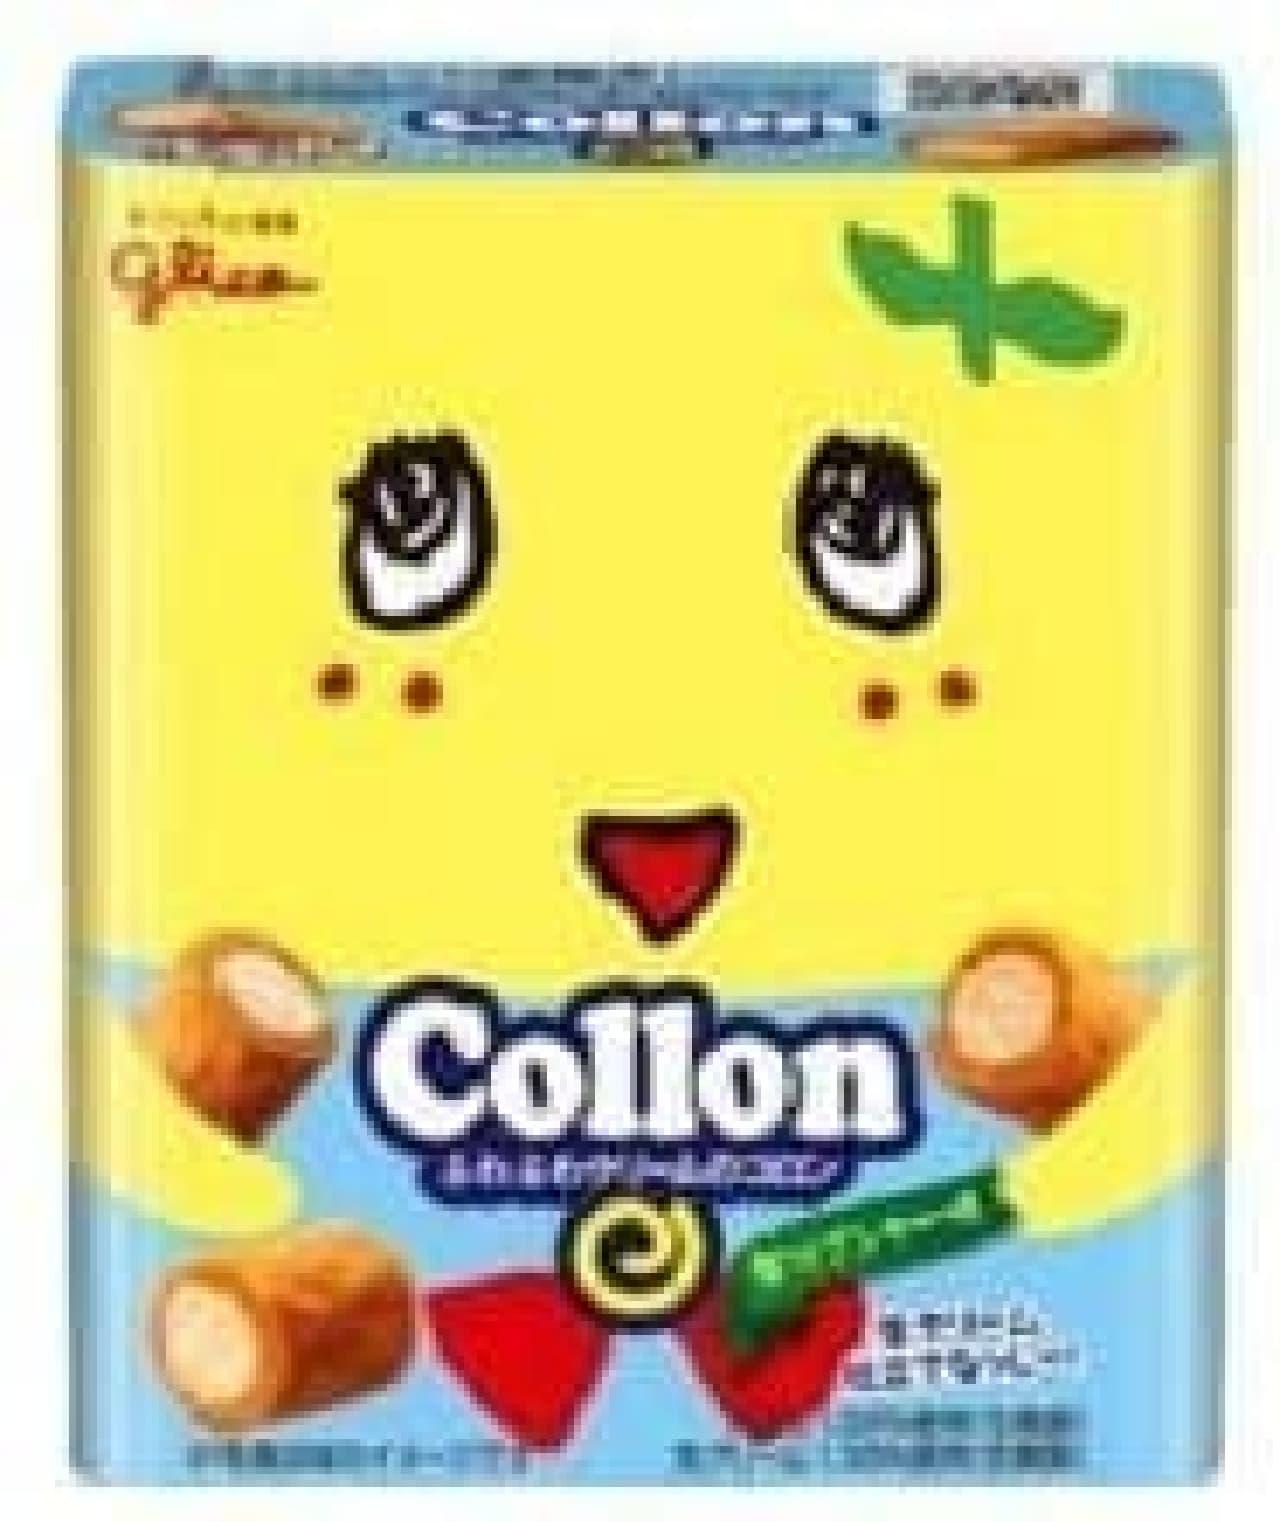 コロンも「梨汁ブシャー味」になるなっしー!